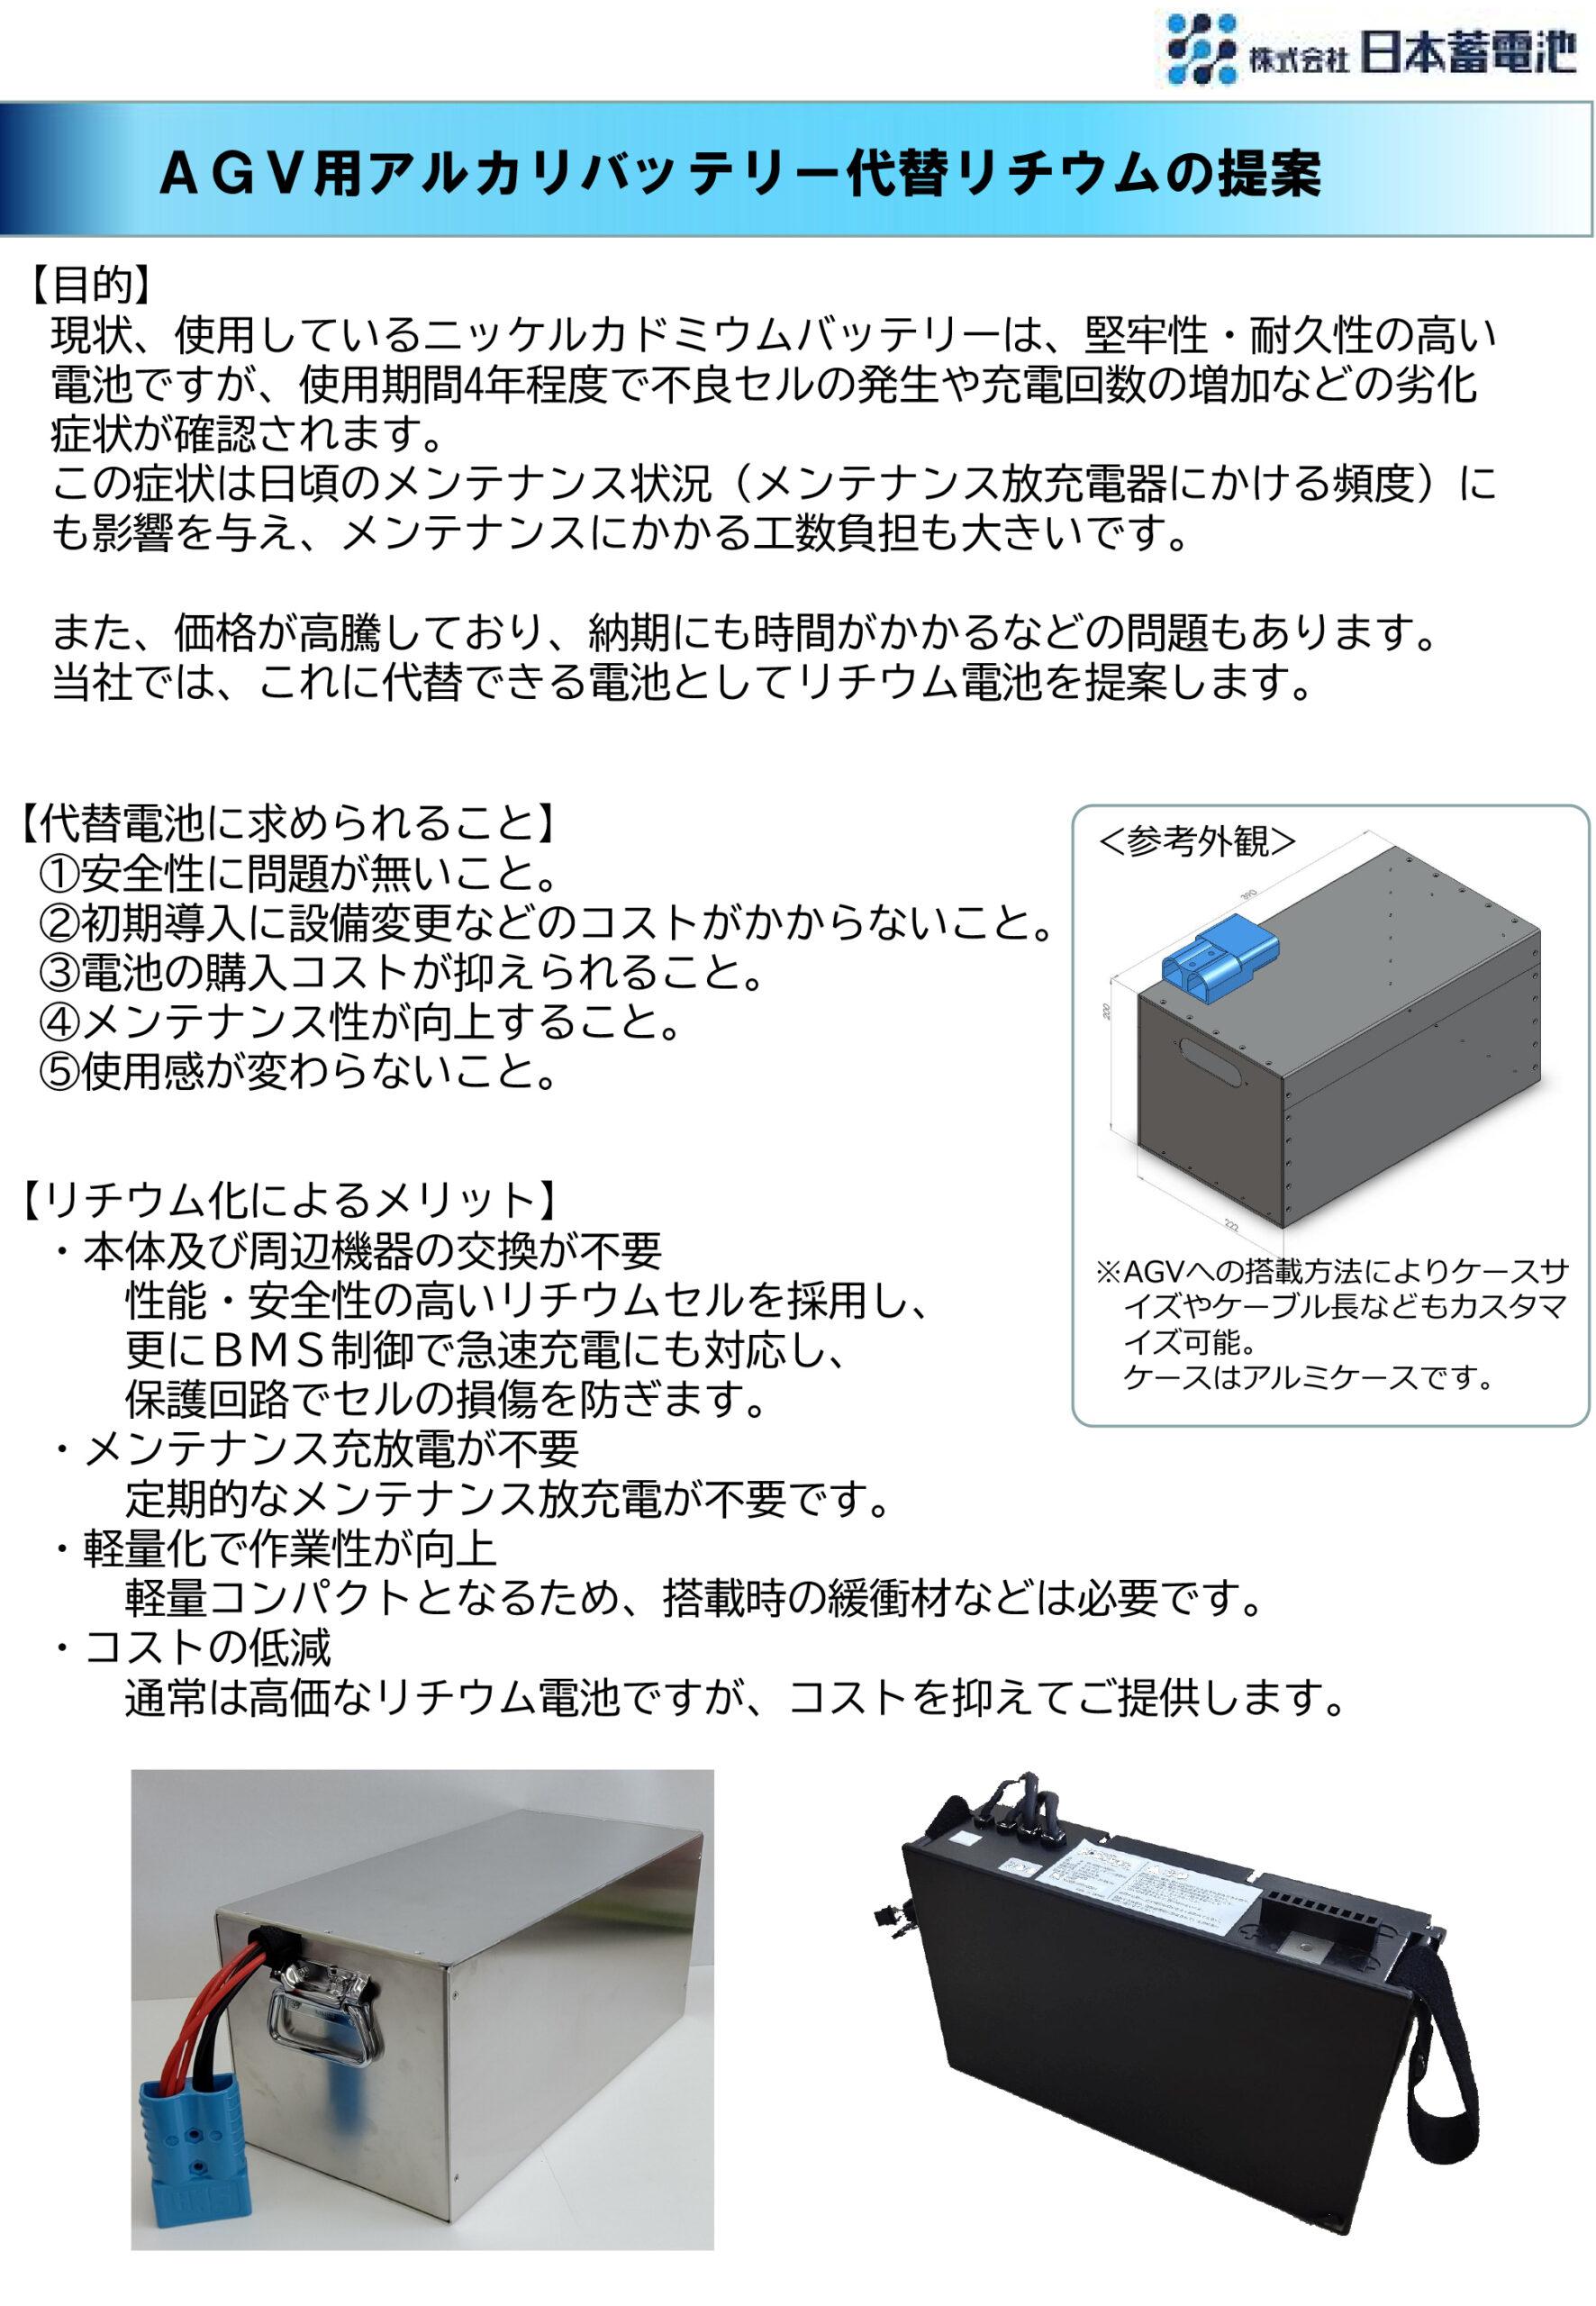 AGV用アルカリバッテリー代替リチウムの提案【目的】 現状、使用しているニッケルカドミウムバッテリーは、堅牢性・耐久性の高い 電池ですが、使用期間4年程度で不良セルの発生や充電回数の増加などの劣化 症状が確認されます。 この症状は日頃のメンテナンス状況(メンテナンス放充電器にかける頻度)に も影響を与え、メンテナンスにかかる工数負担も大きいです。 また、価格が高騰しており、納期にも時間がかかるなどの問題もあります。 当社では、これに代替できる電池としてリチウム電池を提案します。【代替電池に求められること】 ①安全性に問題が無いこと。 ②初期導入に設備変更などのコストがかからないこと。 ③電池の購入コストが抑えられること。 ④メンテナンス性が向上すること。 ⑤使用感が変わらないこと。【リチウム化によるメリット】 ・本体及び周辺機器の交換が不要   性能・安全性の高いリチウムセルを採用し、   更にBMS制御で急速充電にも対応し、   保護回路でセルの損傷を防ぎます。 ・メンテナンス充放電が不要   定期的なメンテナンス放充電が不要です。 ・軽量化で作業性が向上   軽量コンパクトとなるため、搭載時の緩衝材などは必要です。 ・コストの低減   通常は高価なリチウム電池ですが、コストを抑えてご提供します。 ※AGVへの搭載方法によりケースサ イズやケーブル長などもカスタマ イズ可能。 ケースはアルミケースです。<参考外観>